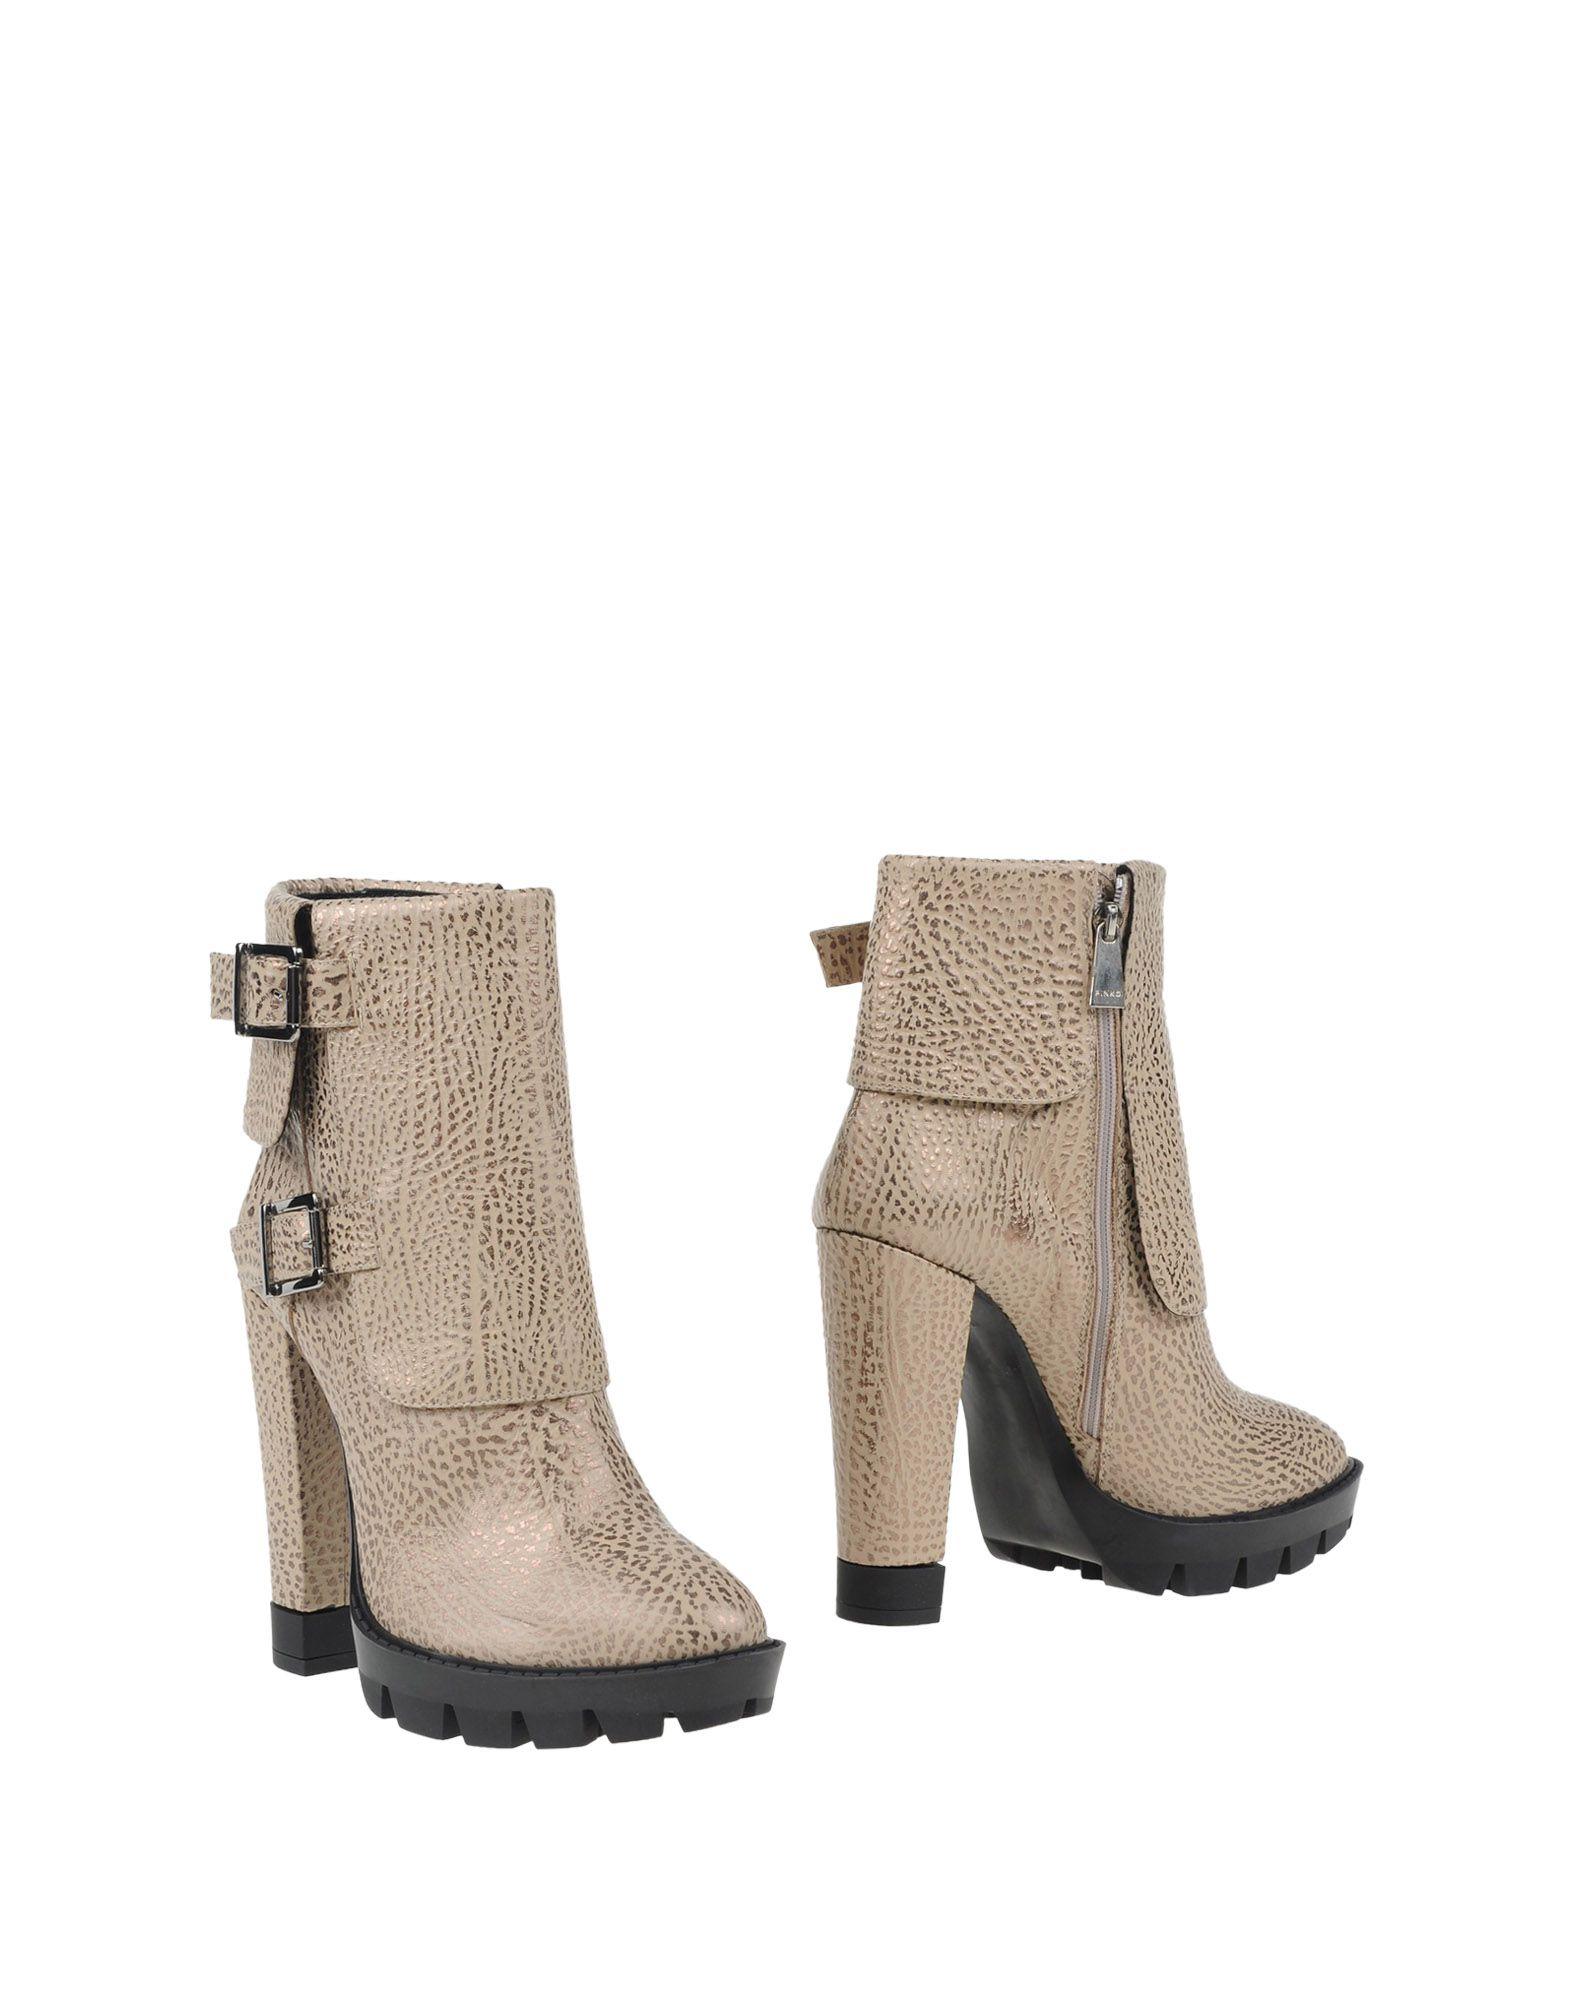 Pinko Stiefelette Damen  11037580TM Gute Qualität beliebte Schuhe